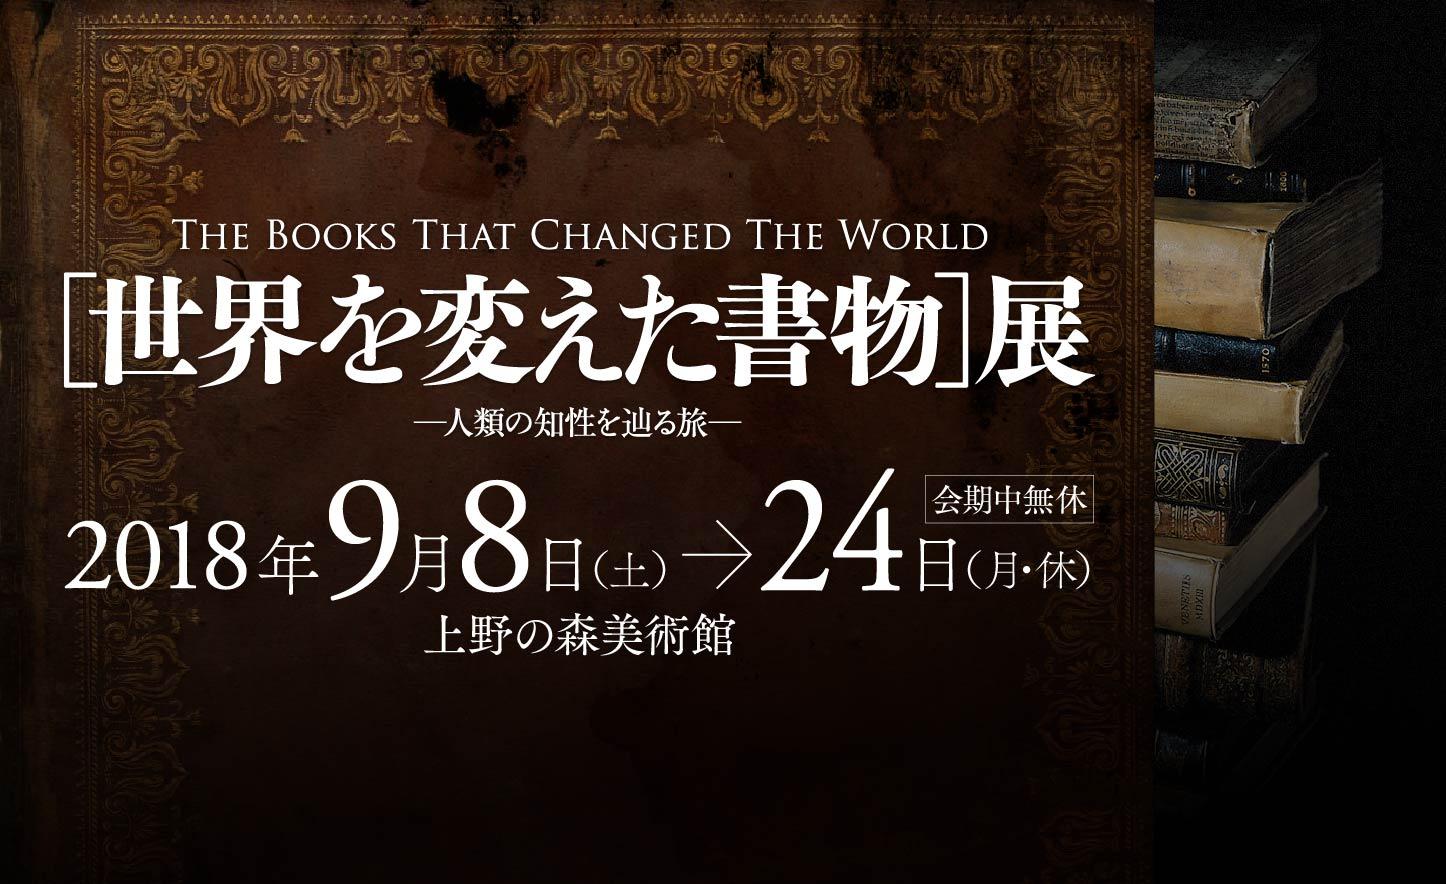 世界を変えた書物展